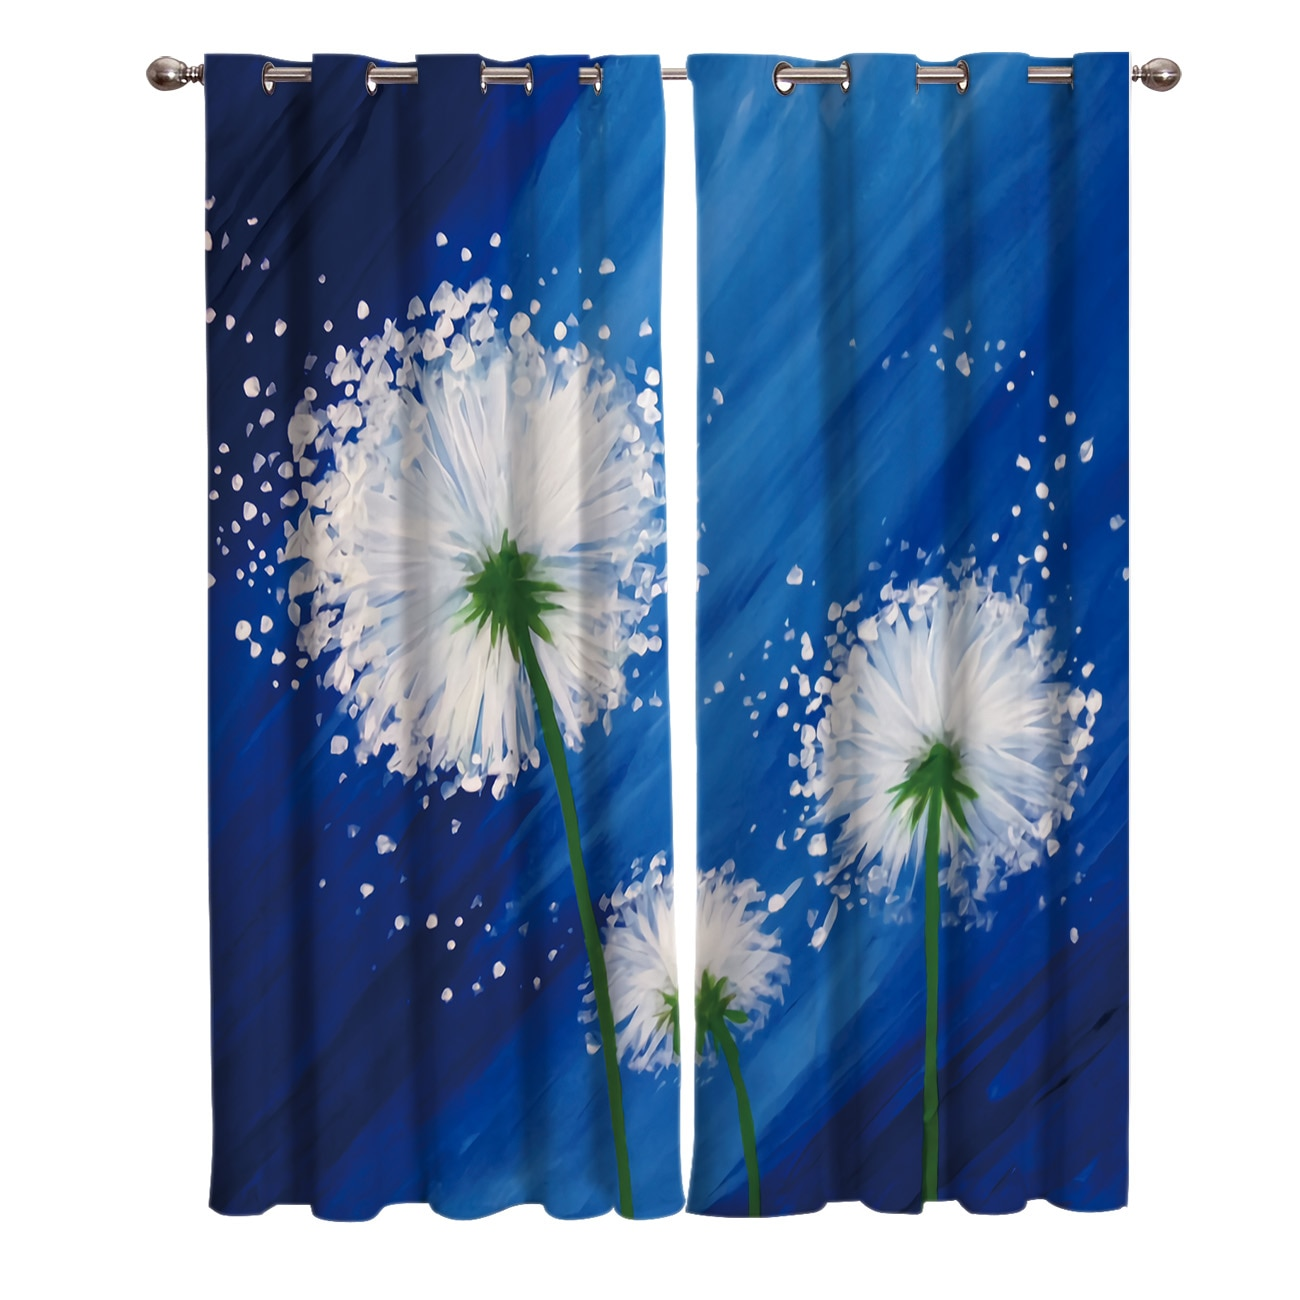 Pintura al óleo estilo fondo azul abstracto diente de león habitación cortinas gran ventana sala de estar cocina exterior interior